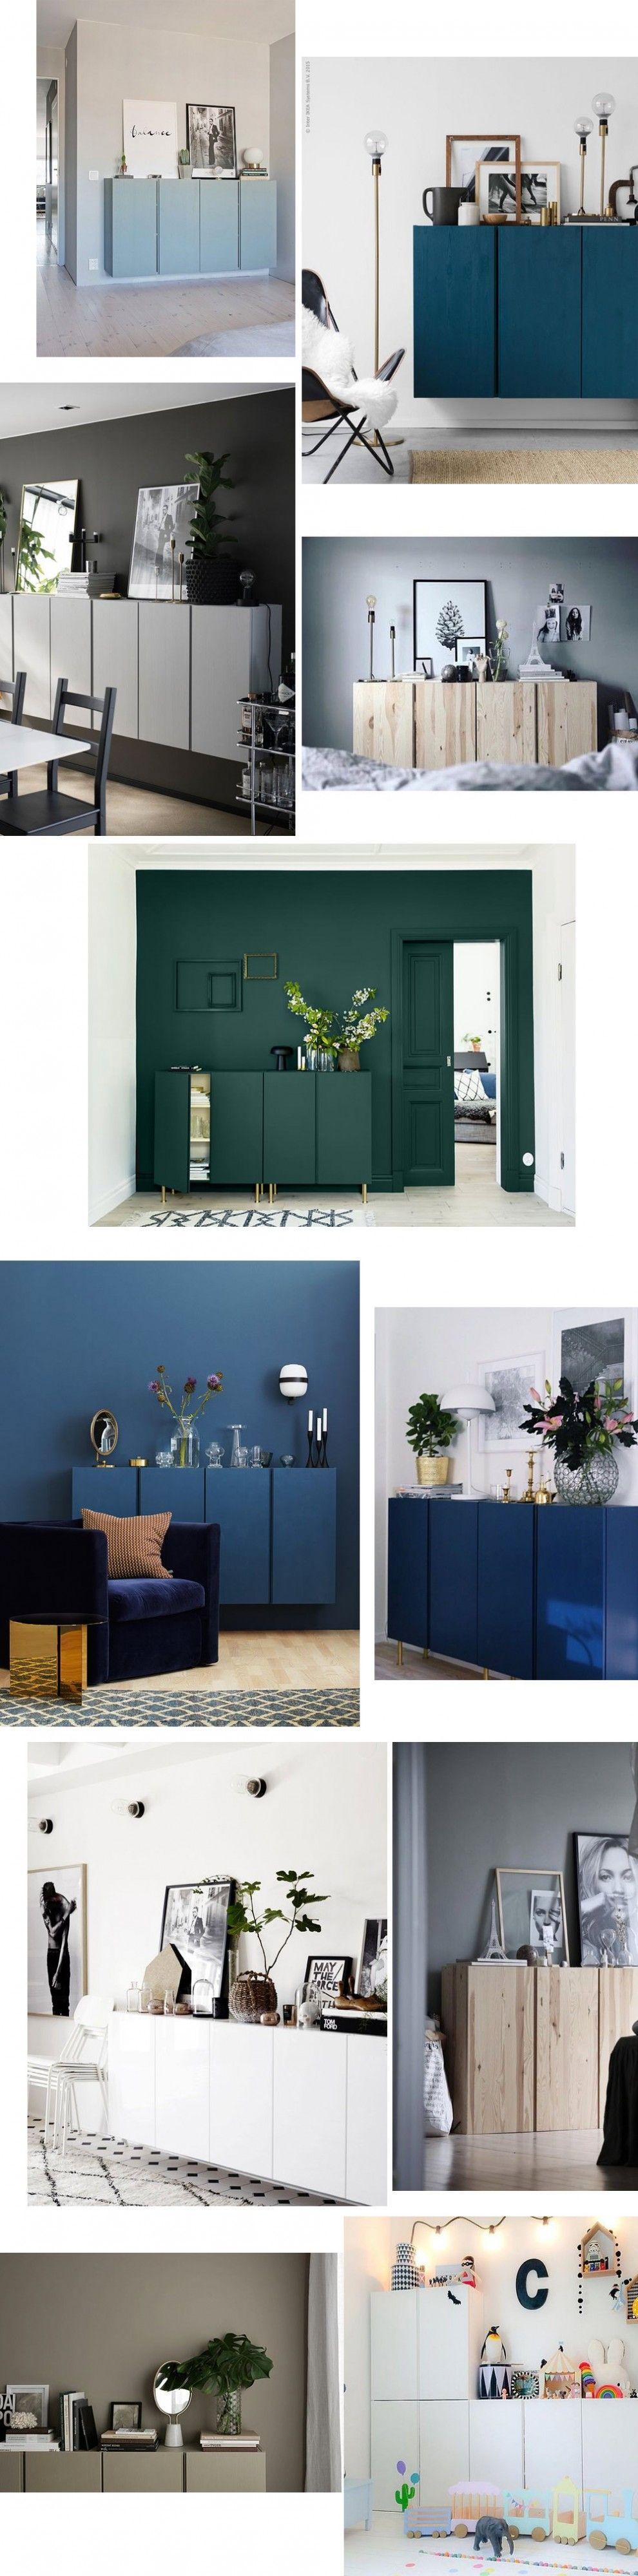 ikea hack ivar enkel og veldig billig m te f skap. Black Bedroom Furniture Sets. Home Design Ideas